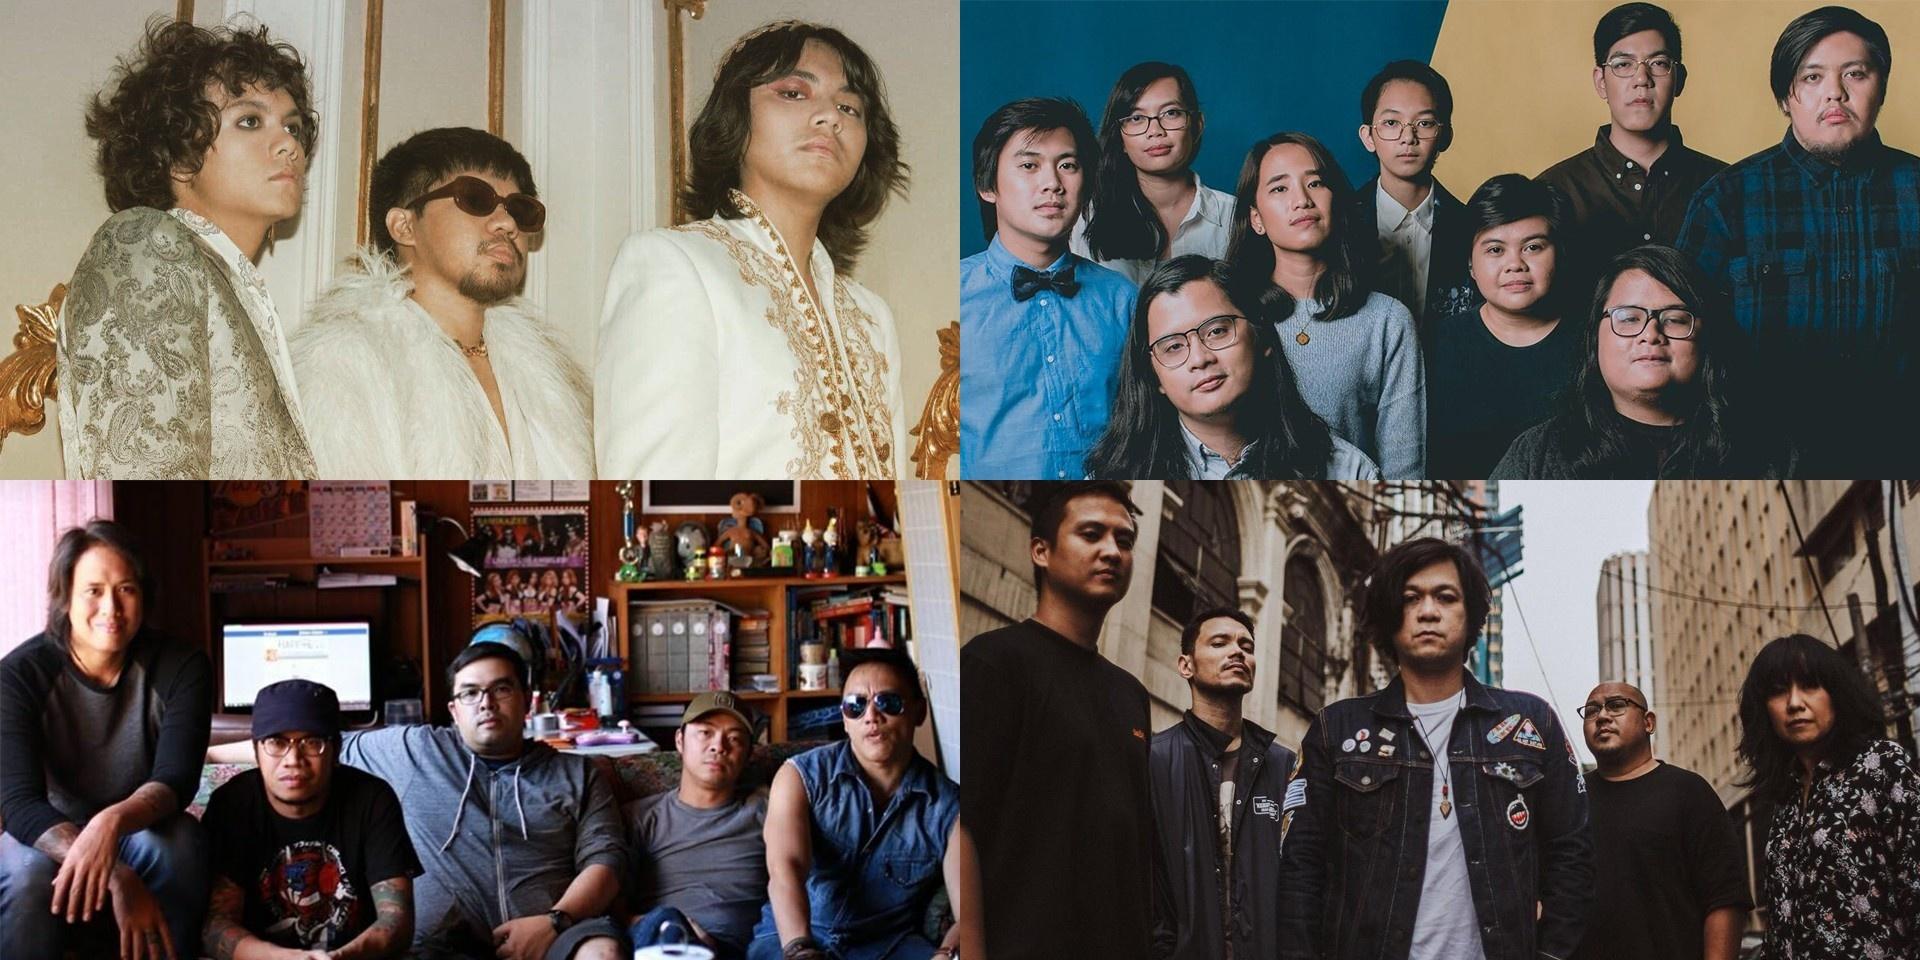 IV Of Spades, Ben&Ben, Parokya Ni Edgar, Sandwich, and more to perform at Pinoy Music Jam in Dubai